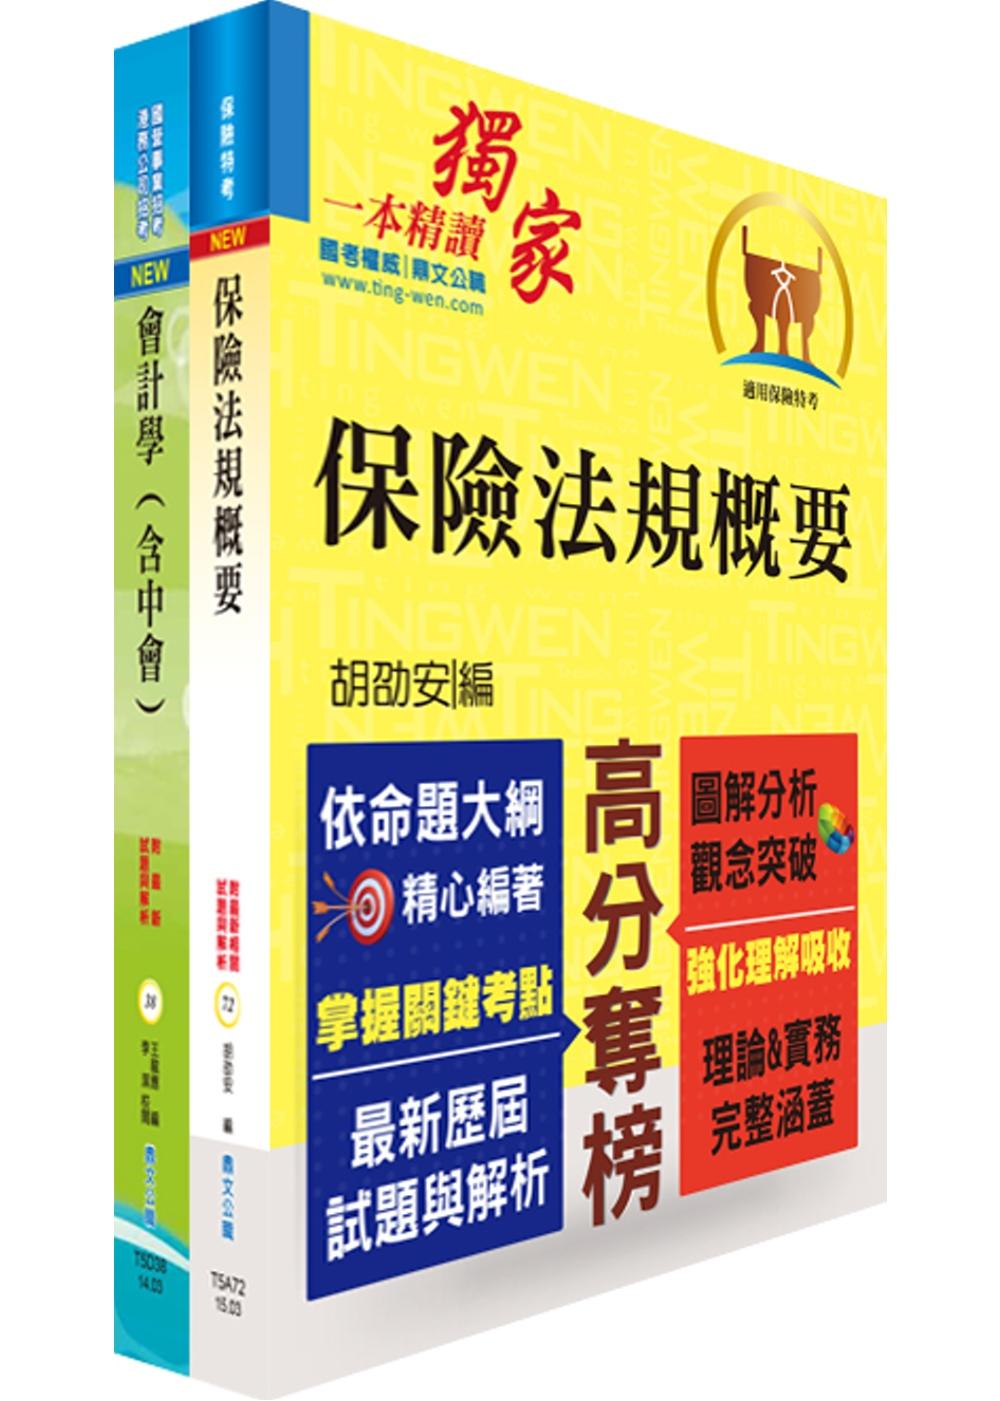 臺銀人壽六職等(財務會計)套書(贈題庫網帳號1組)